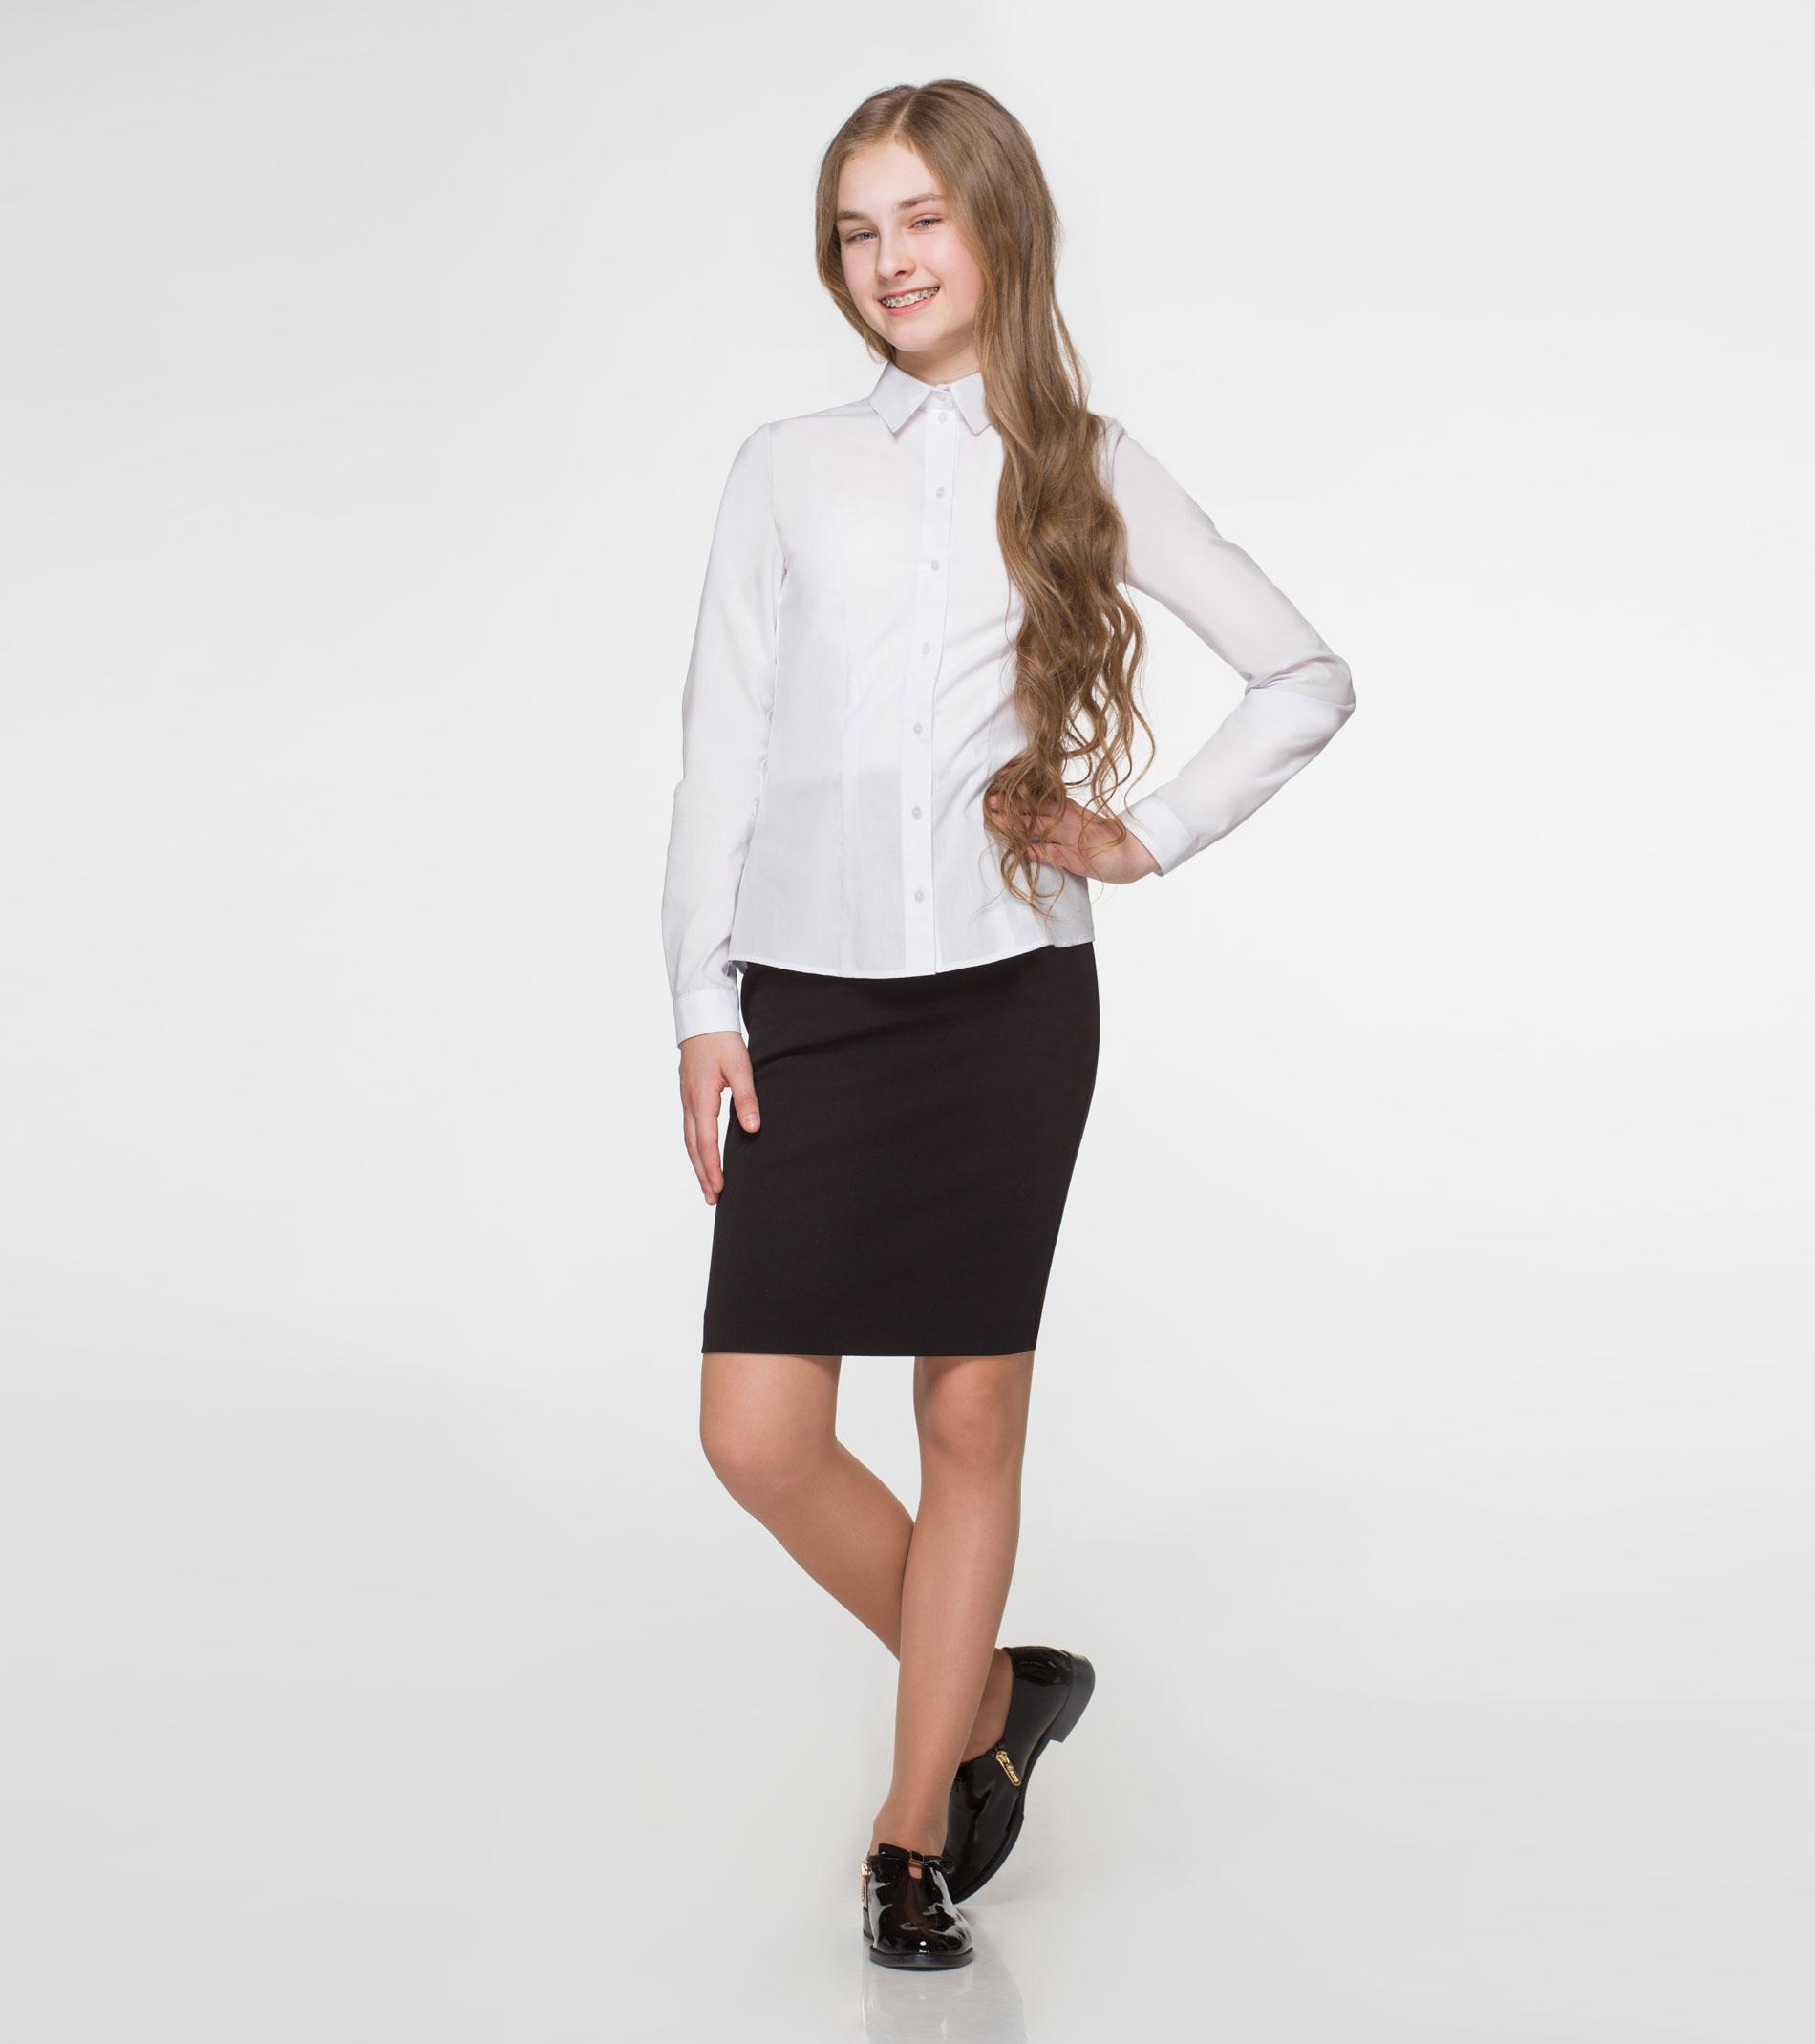 Блузки для девочек купить оптом